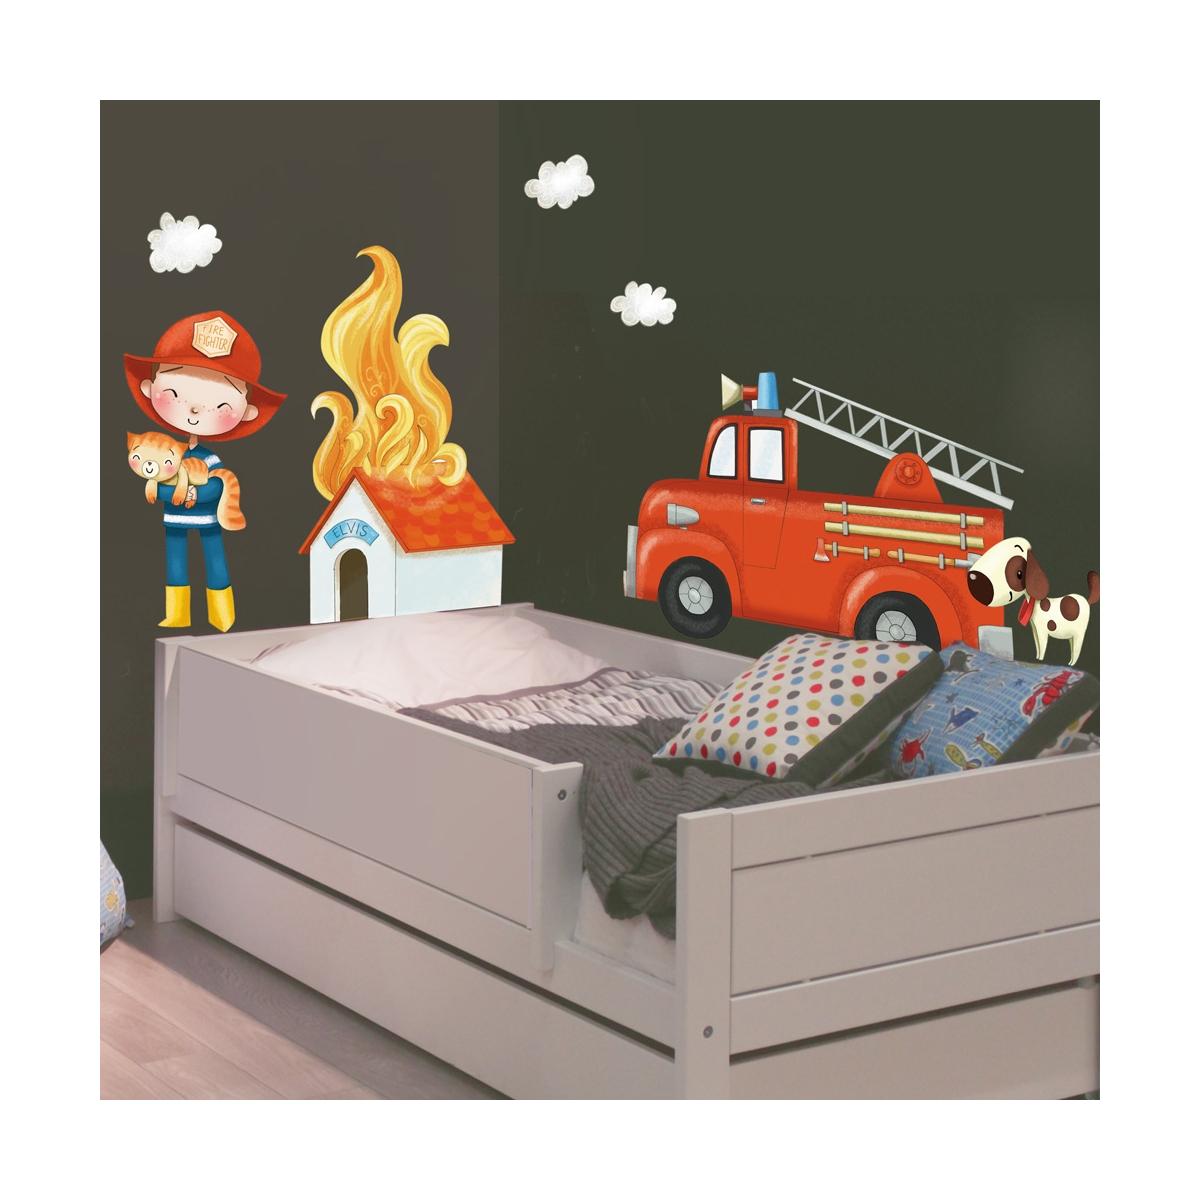 Firemen wall stickers